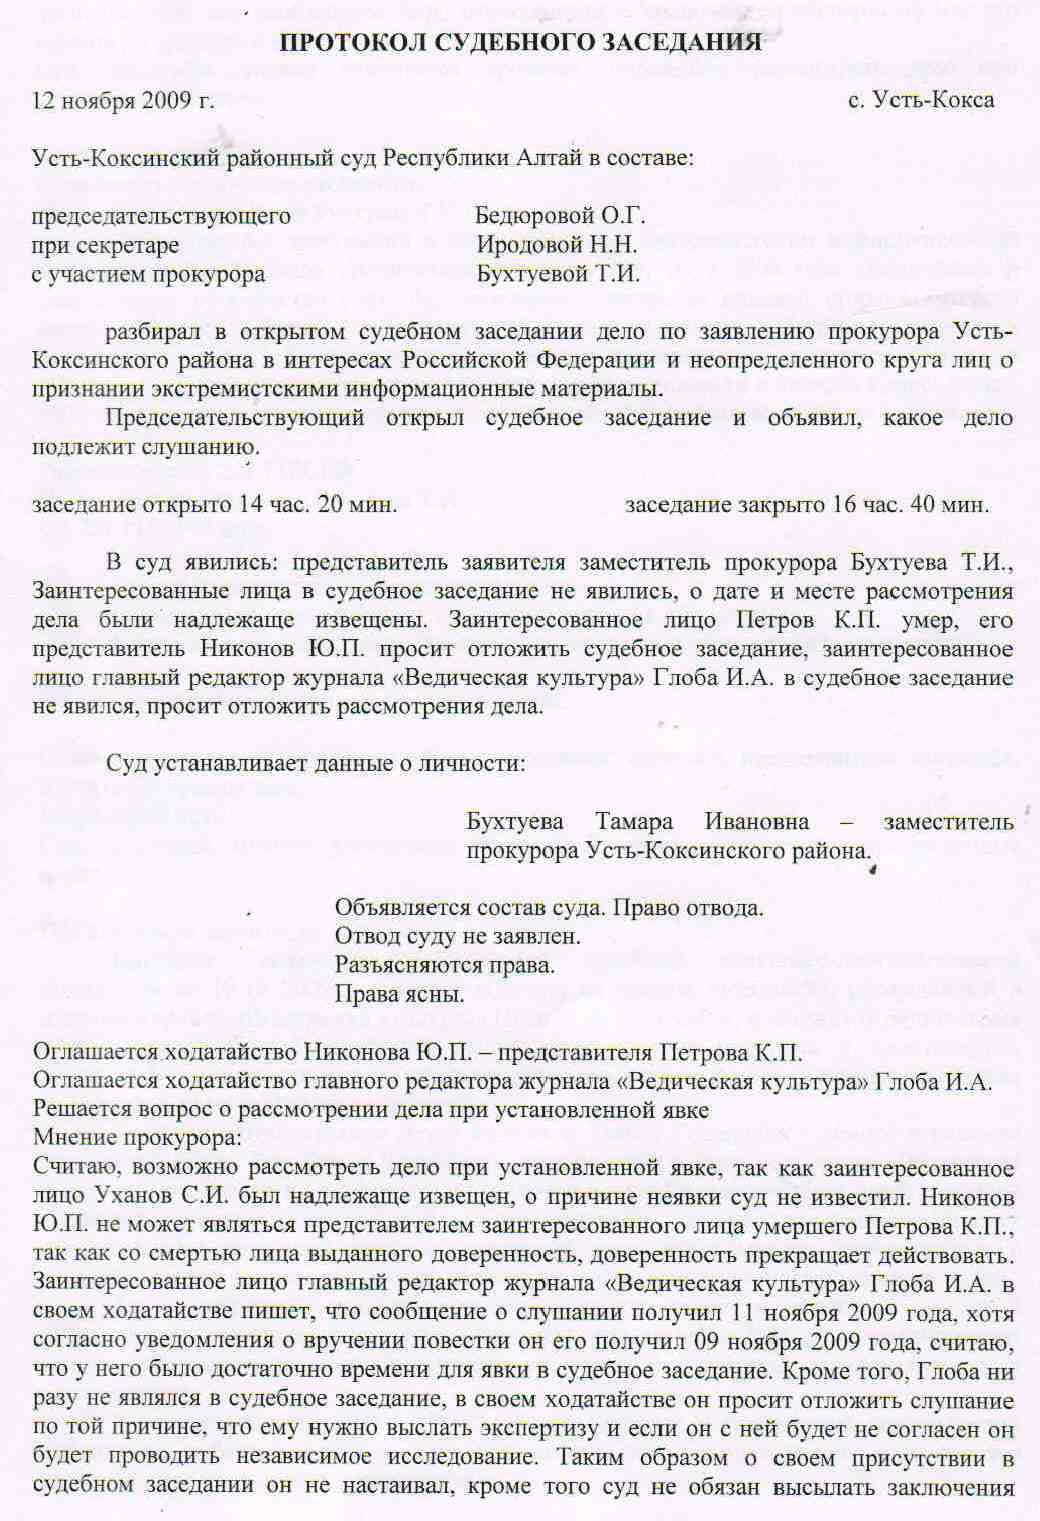 Ознакомление адвоката с протоколом судебного заседания в гражданском Его